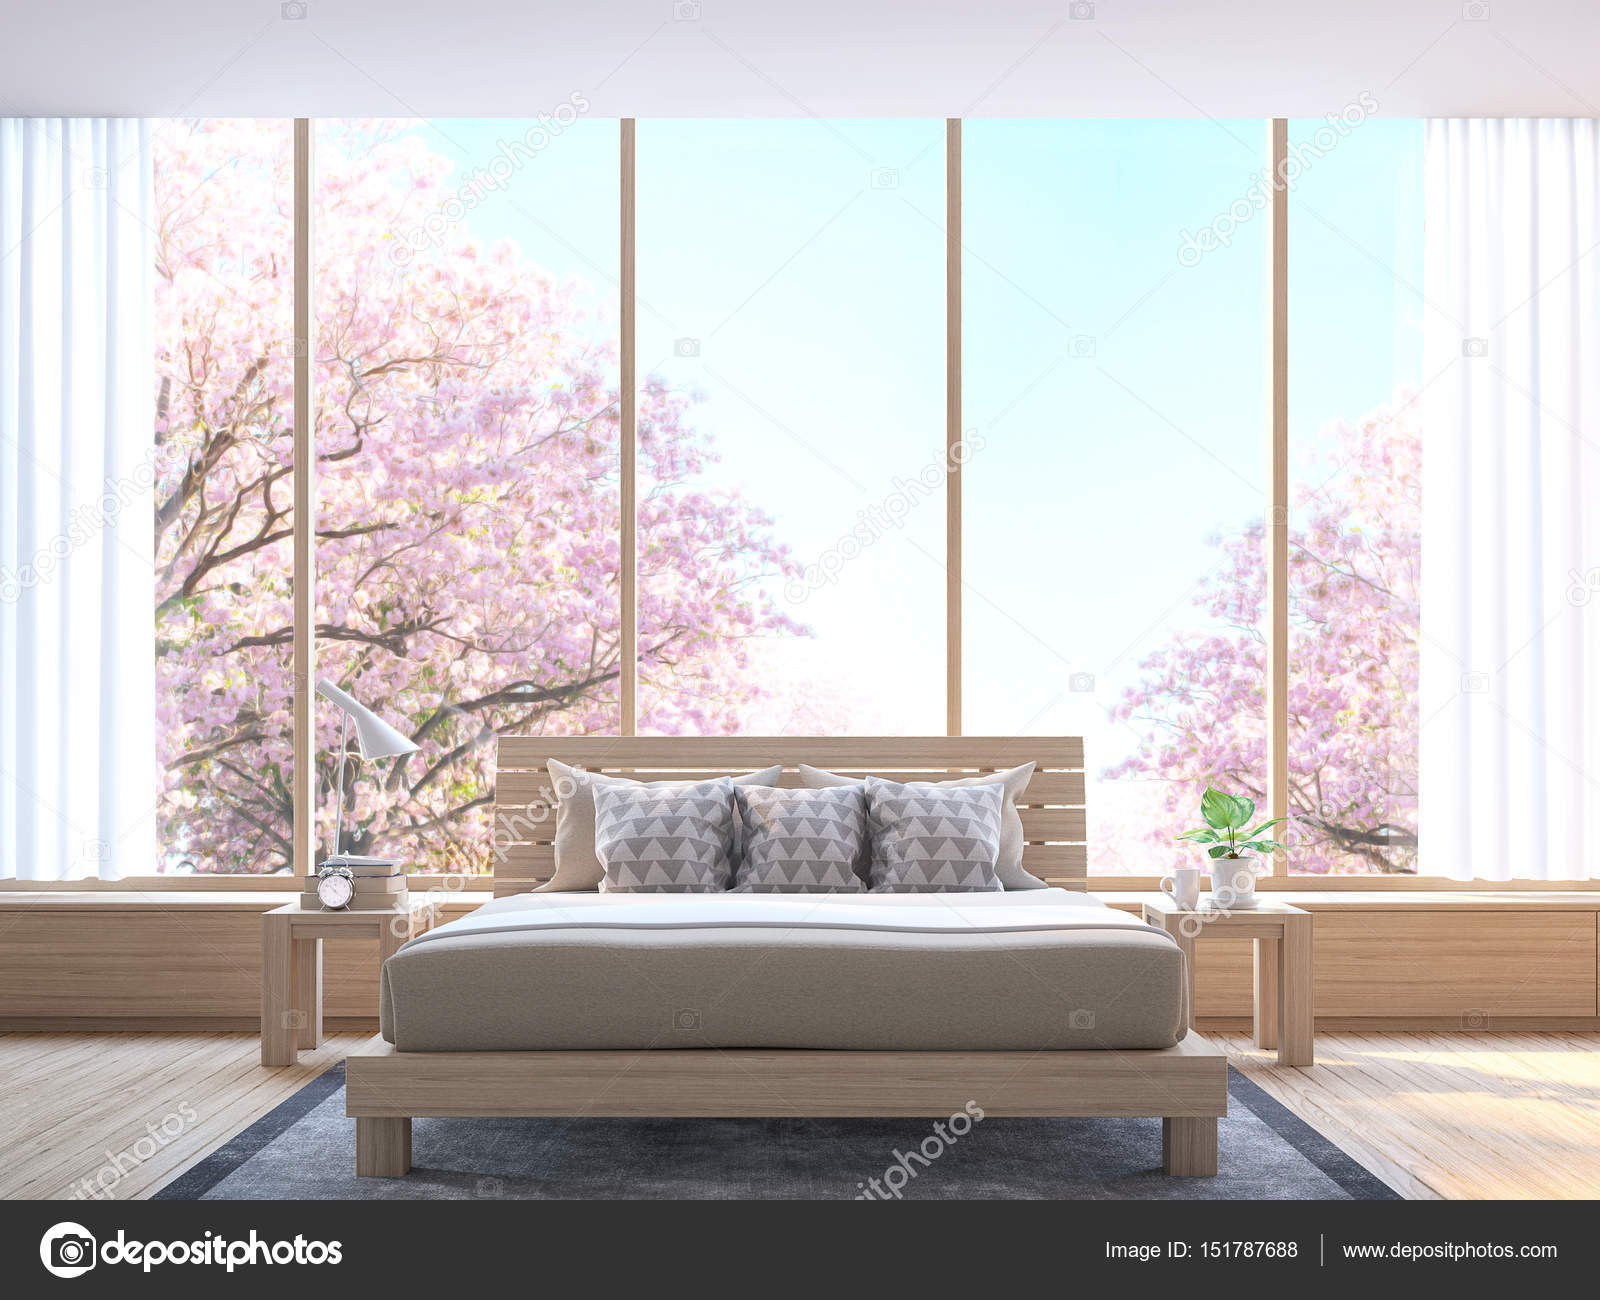 Moderne Schlafzimmer Dekorieren Zimmer Mit Holz 3D Bild Rendern U2014 Stockfoto